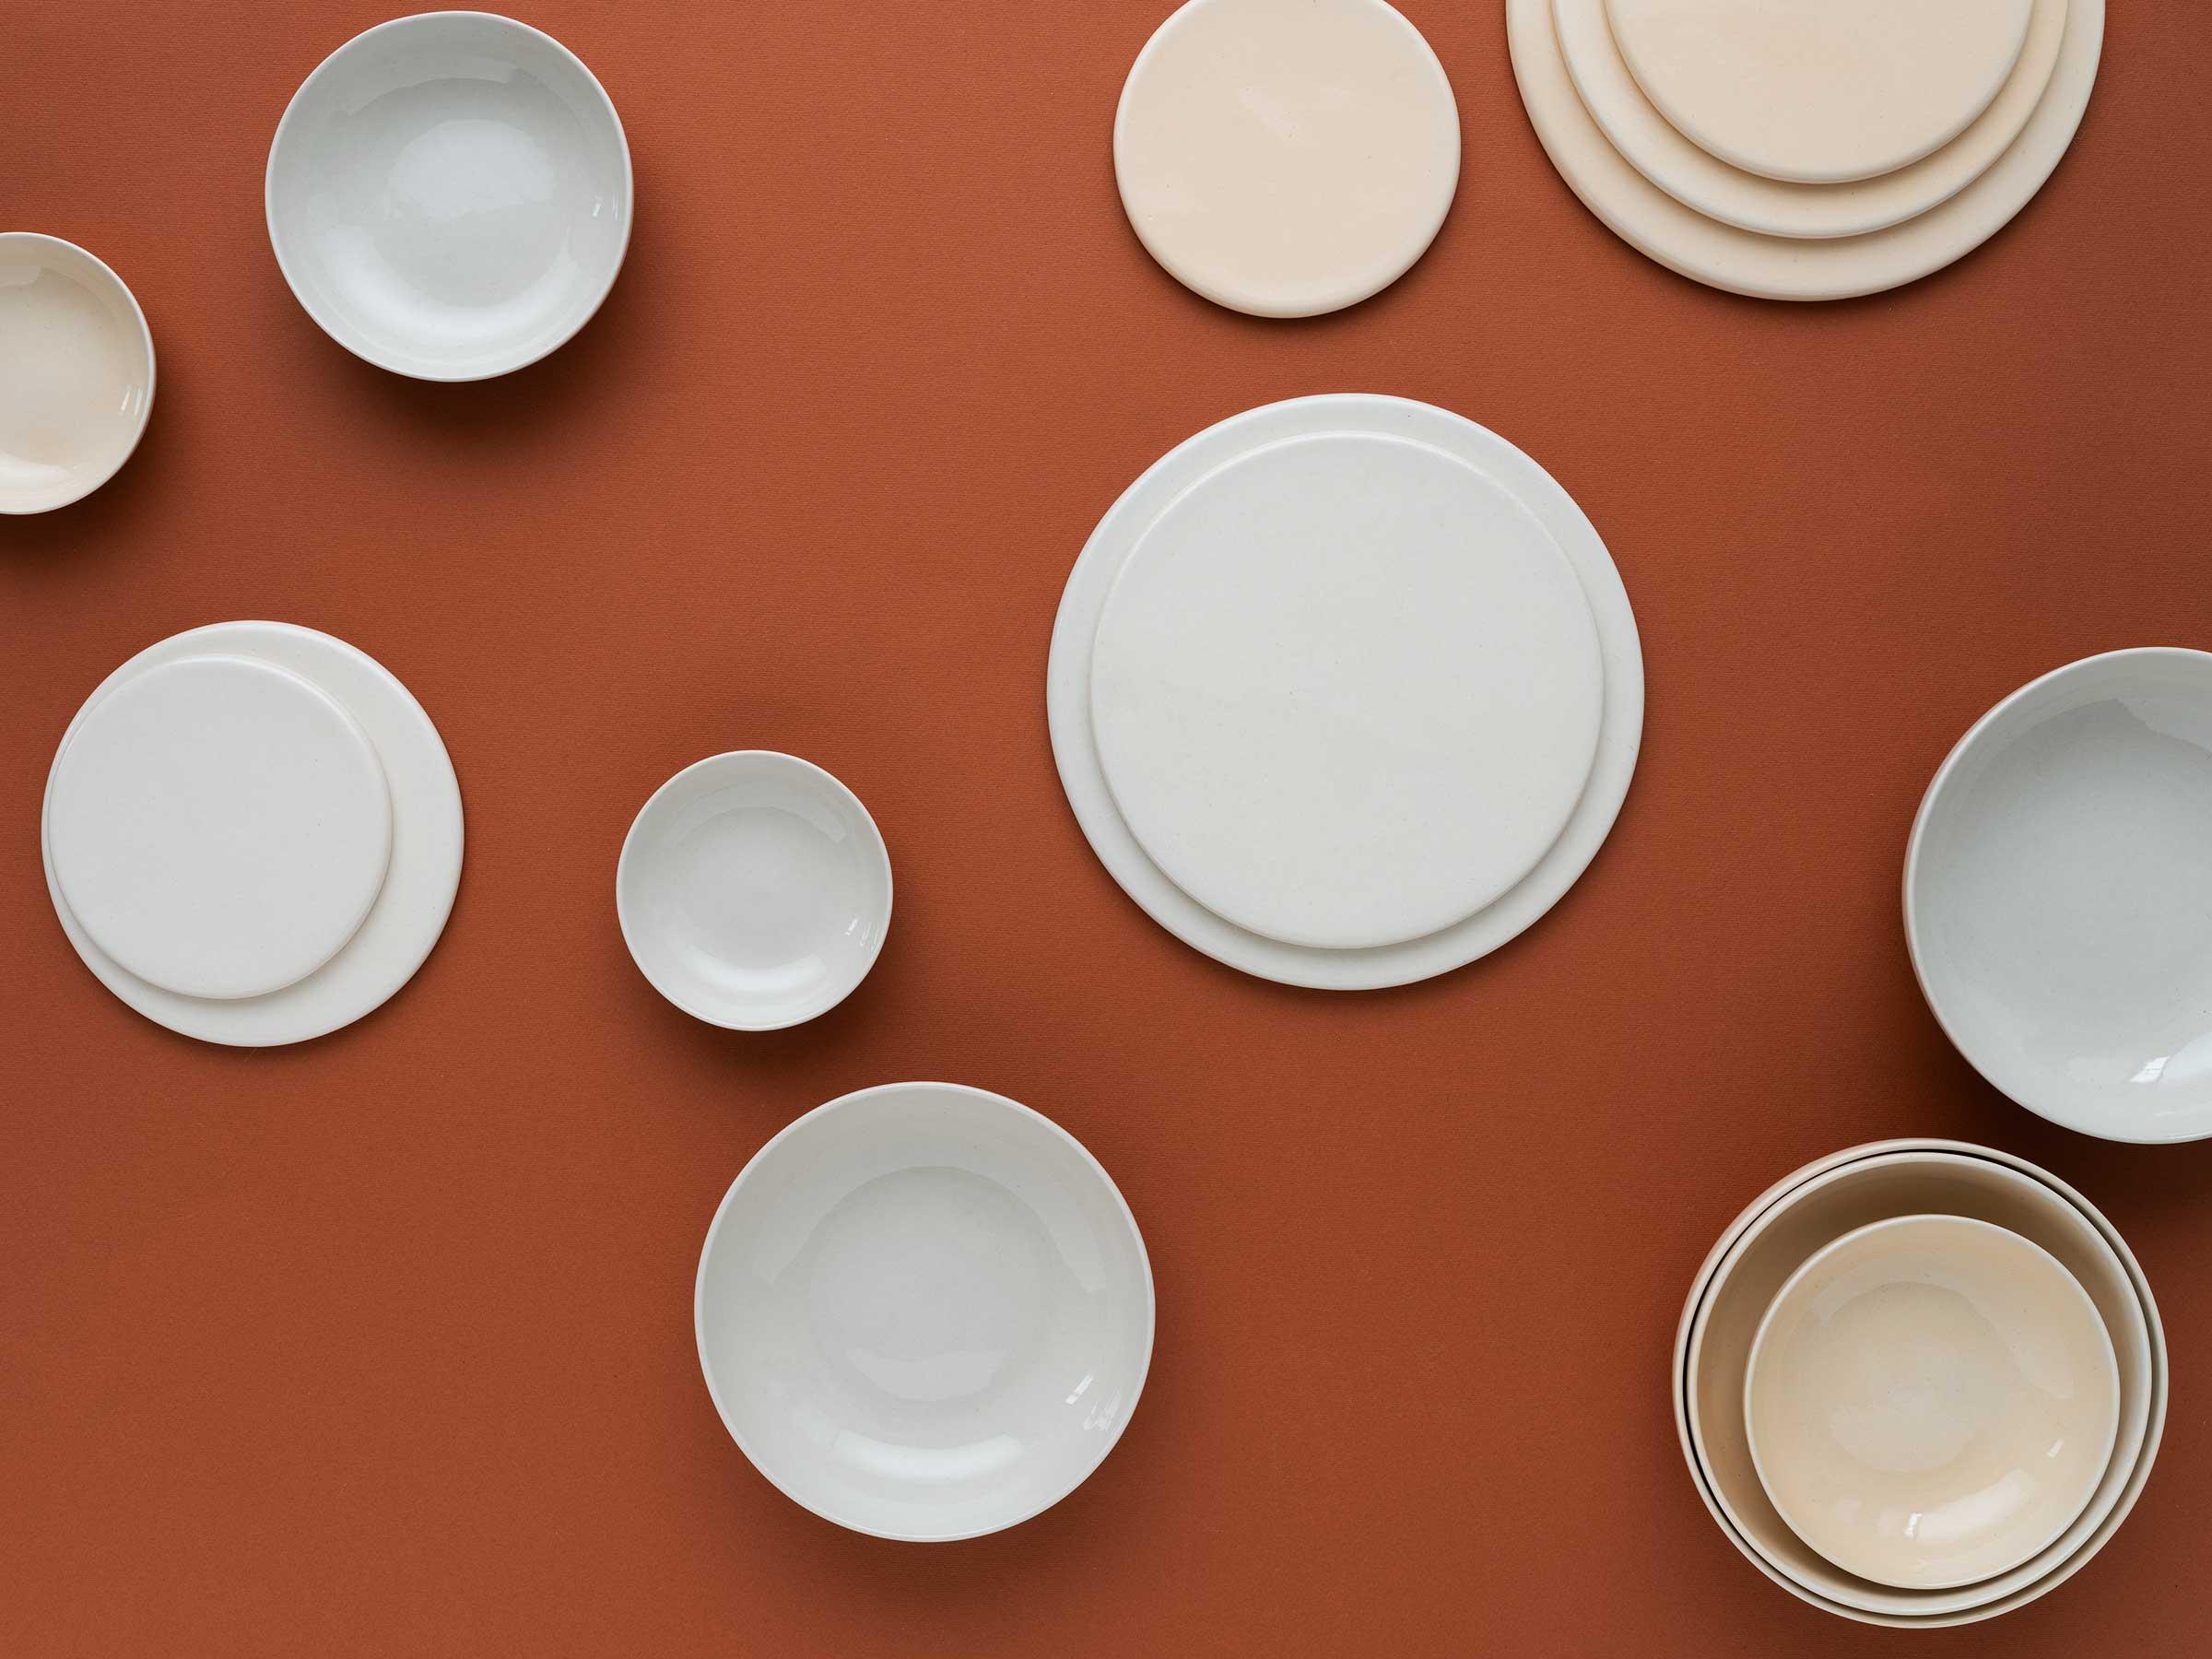 keramik i mönsterformation fotograferat ovanifrån